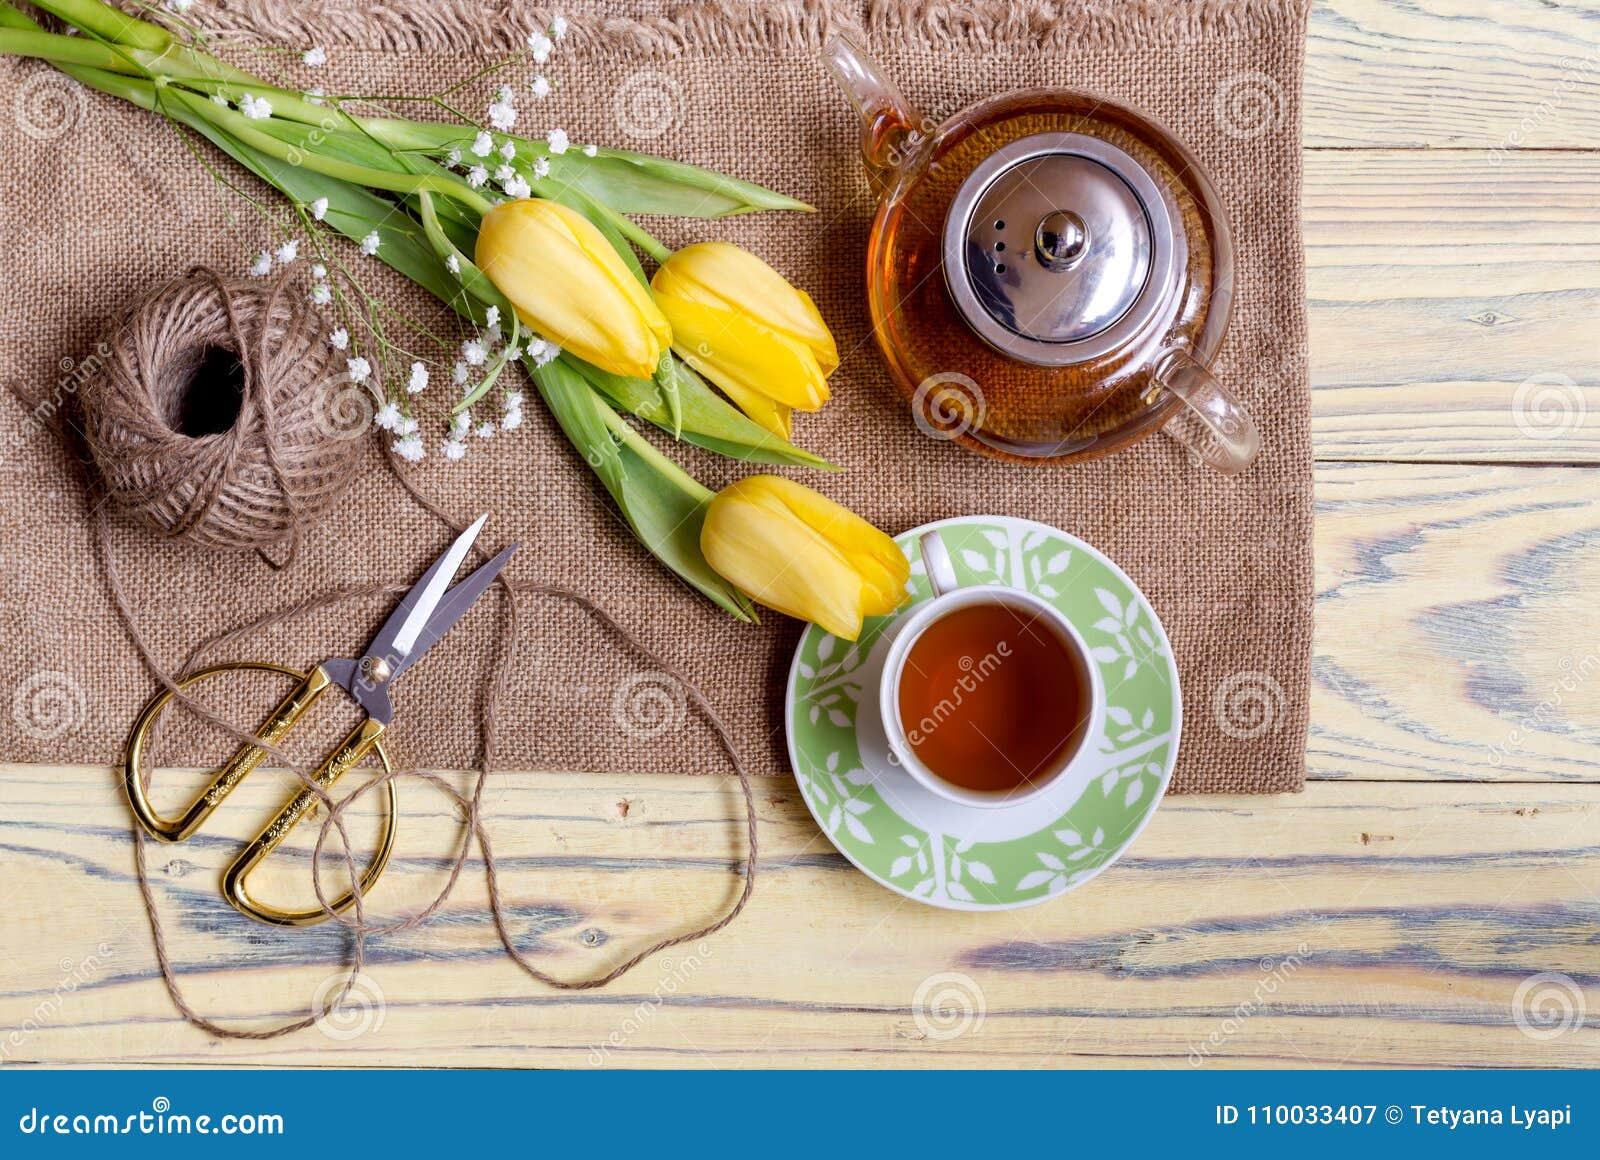 Aftreksel en tulpen